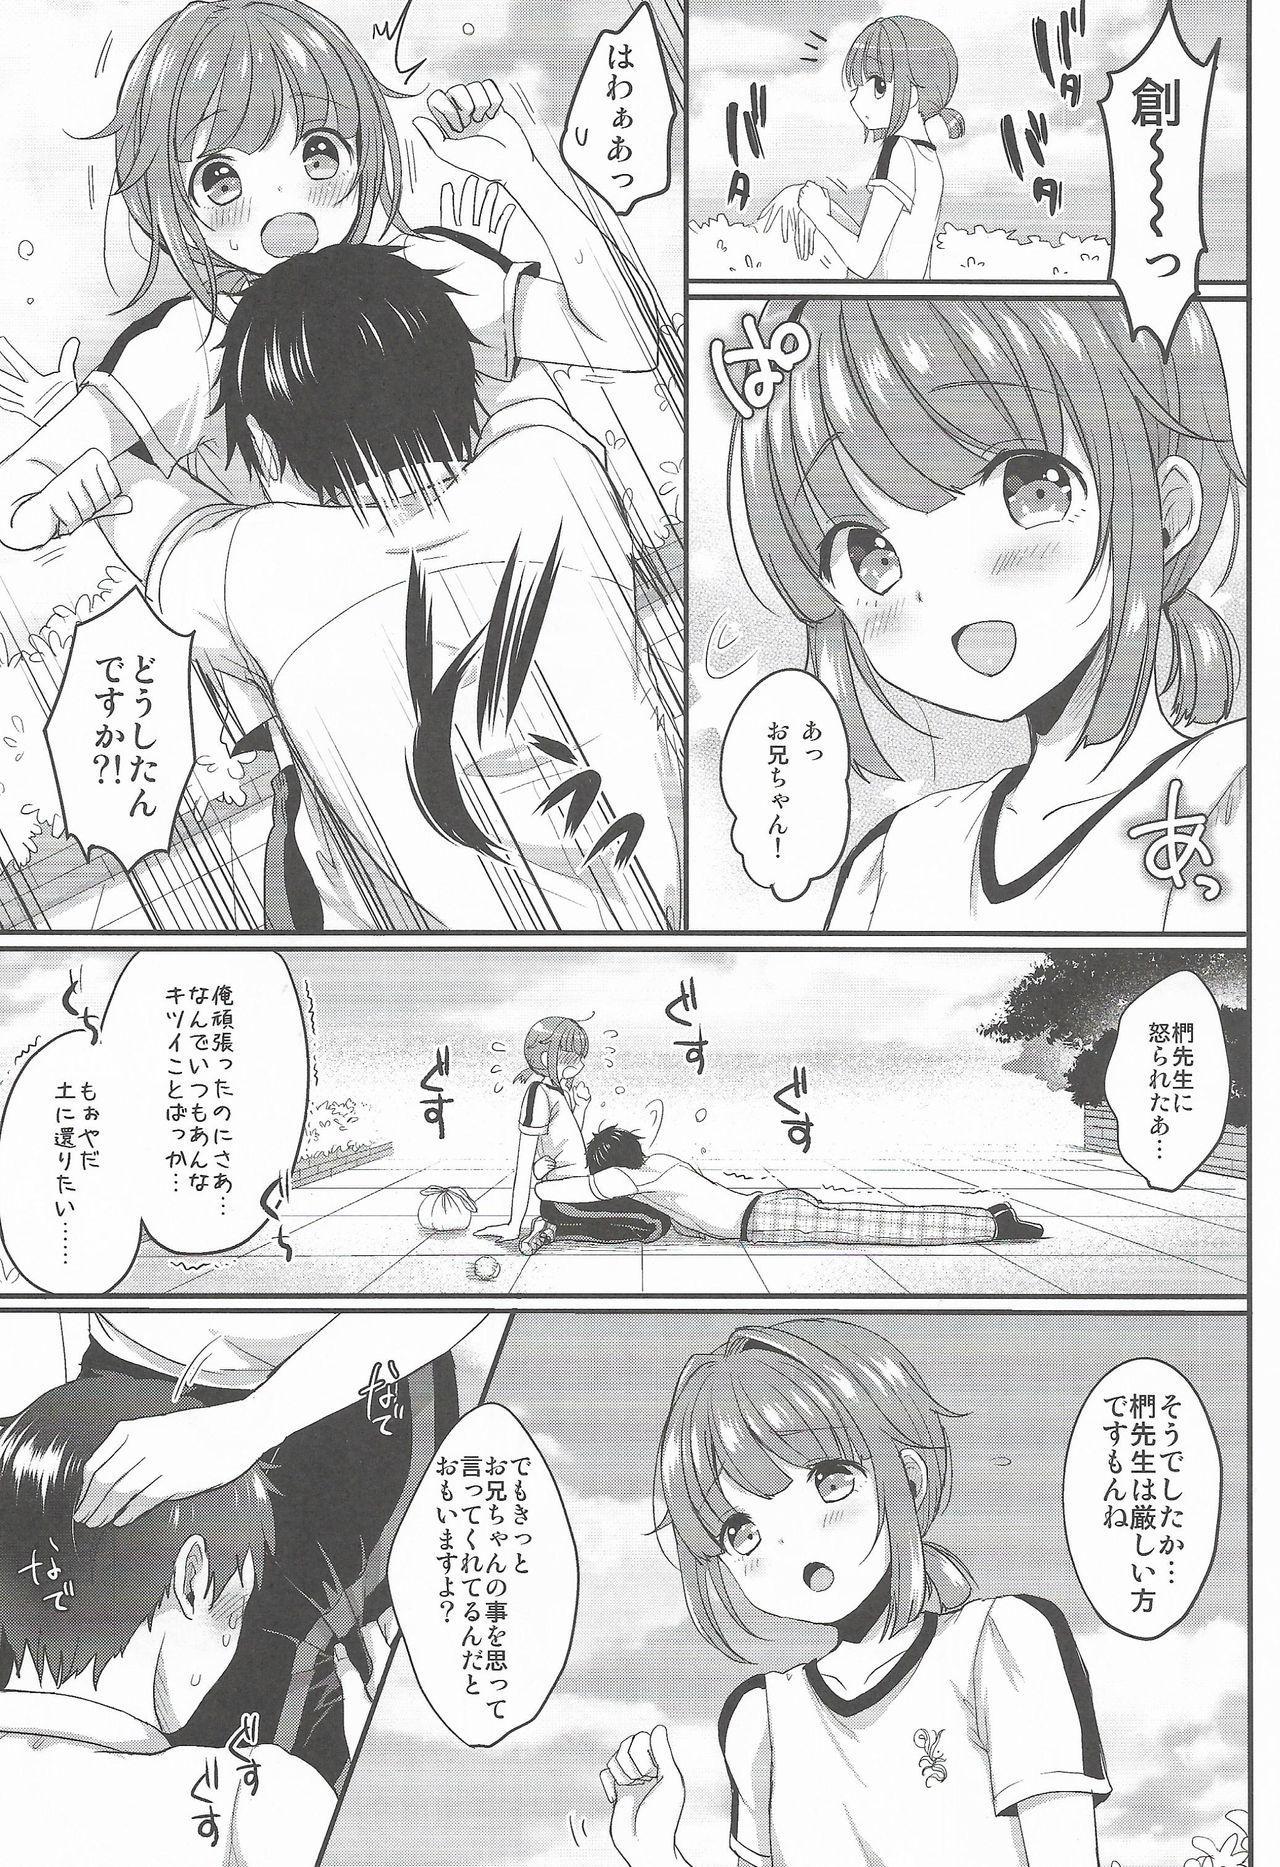 Hajime-kun to Ichaicha shitai! 3